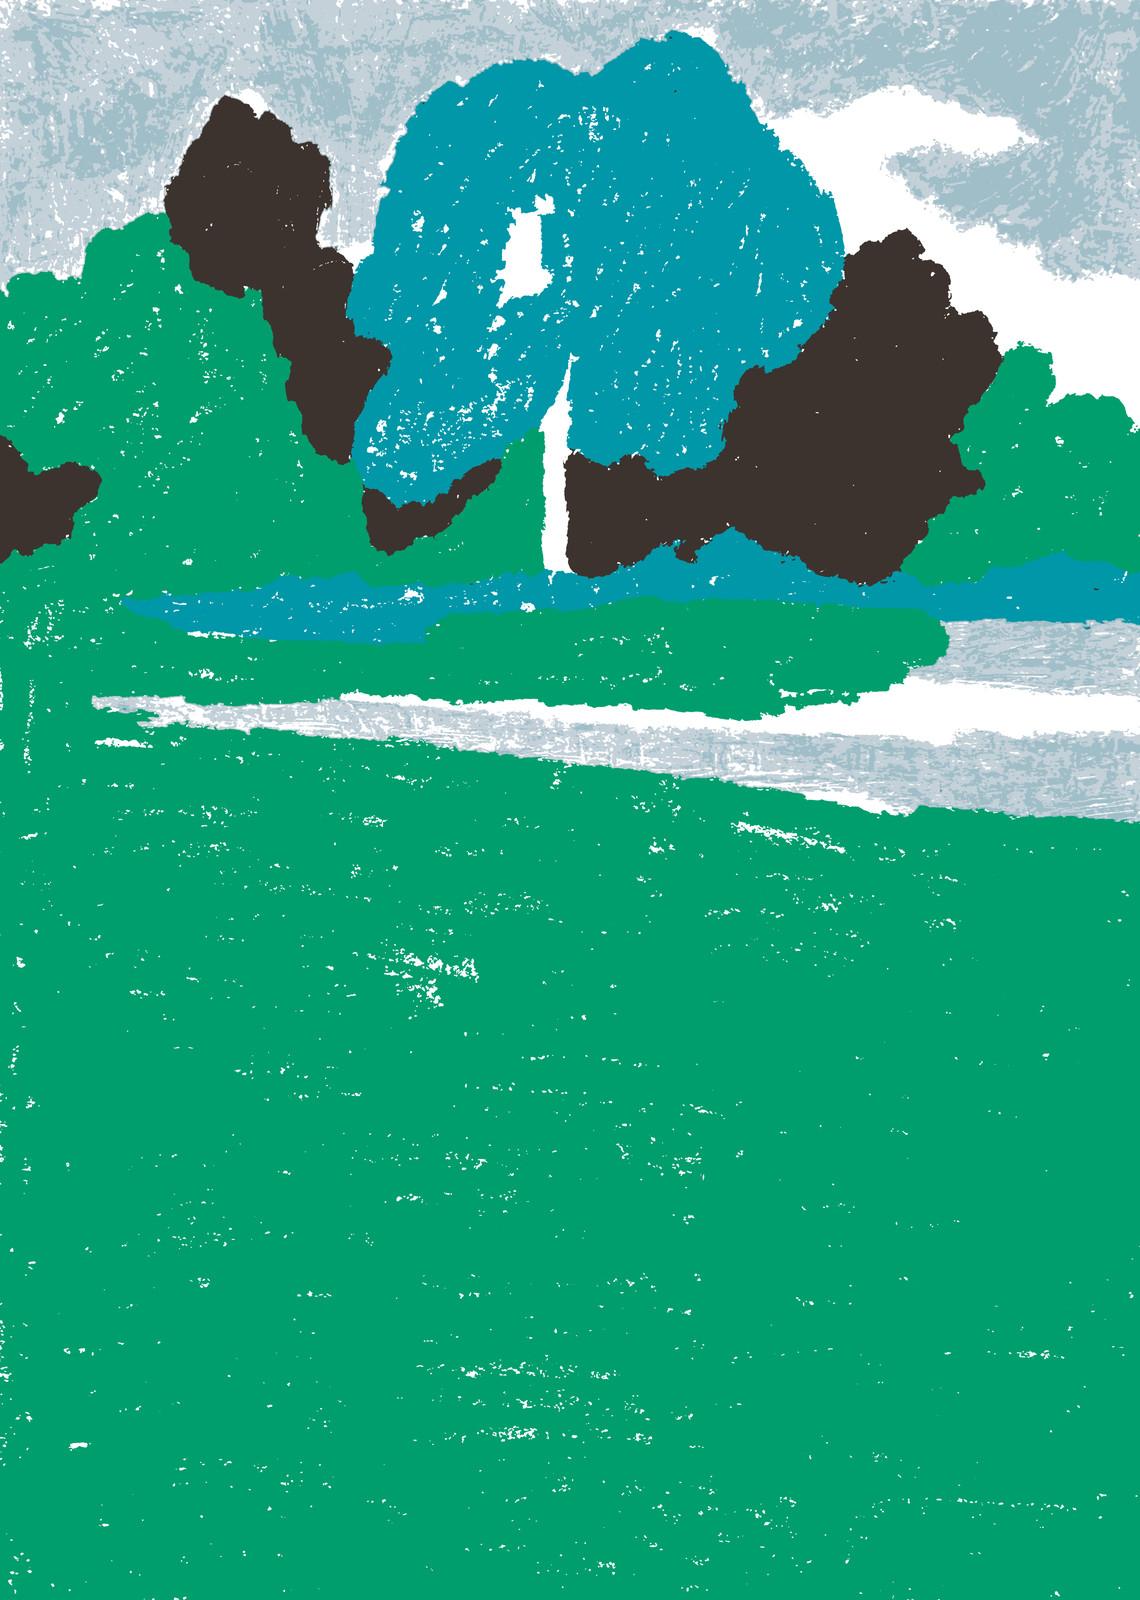 fallani venezia Charlotte Trounce Spazi Inverleith Park 2020 2020 serigrafia su carta Fedrigoni Arena